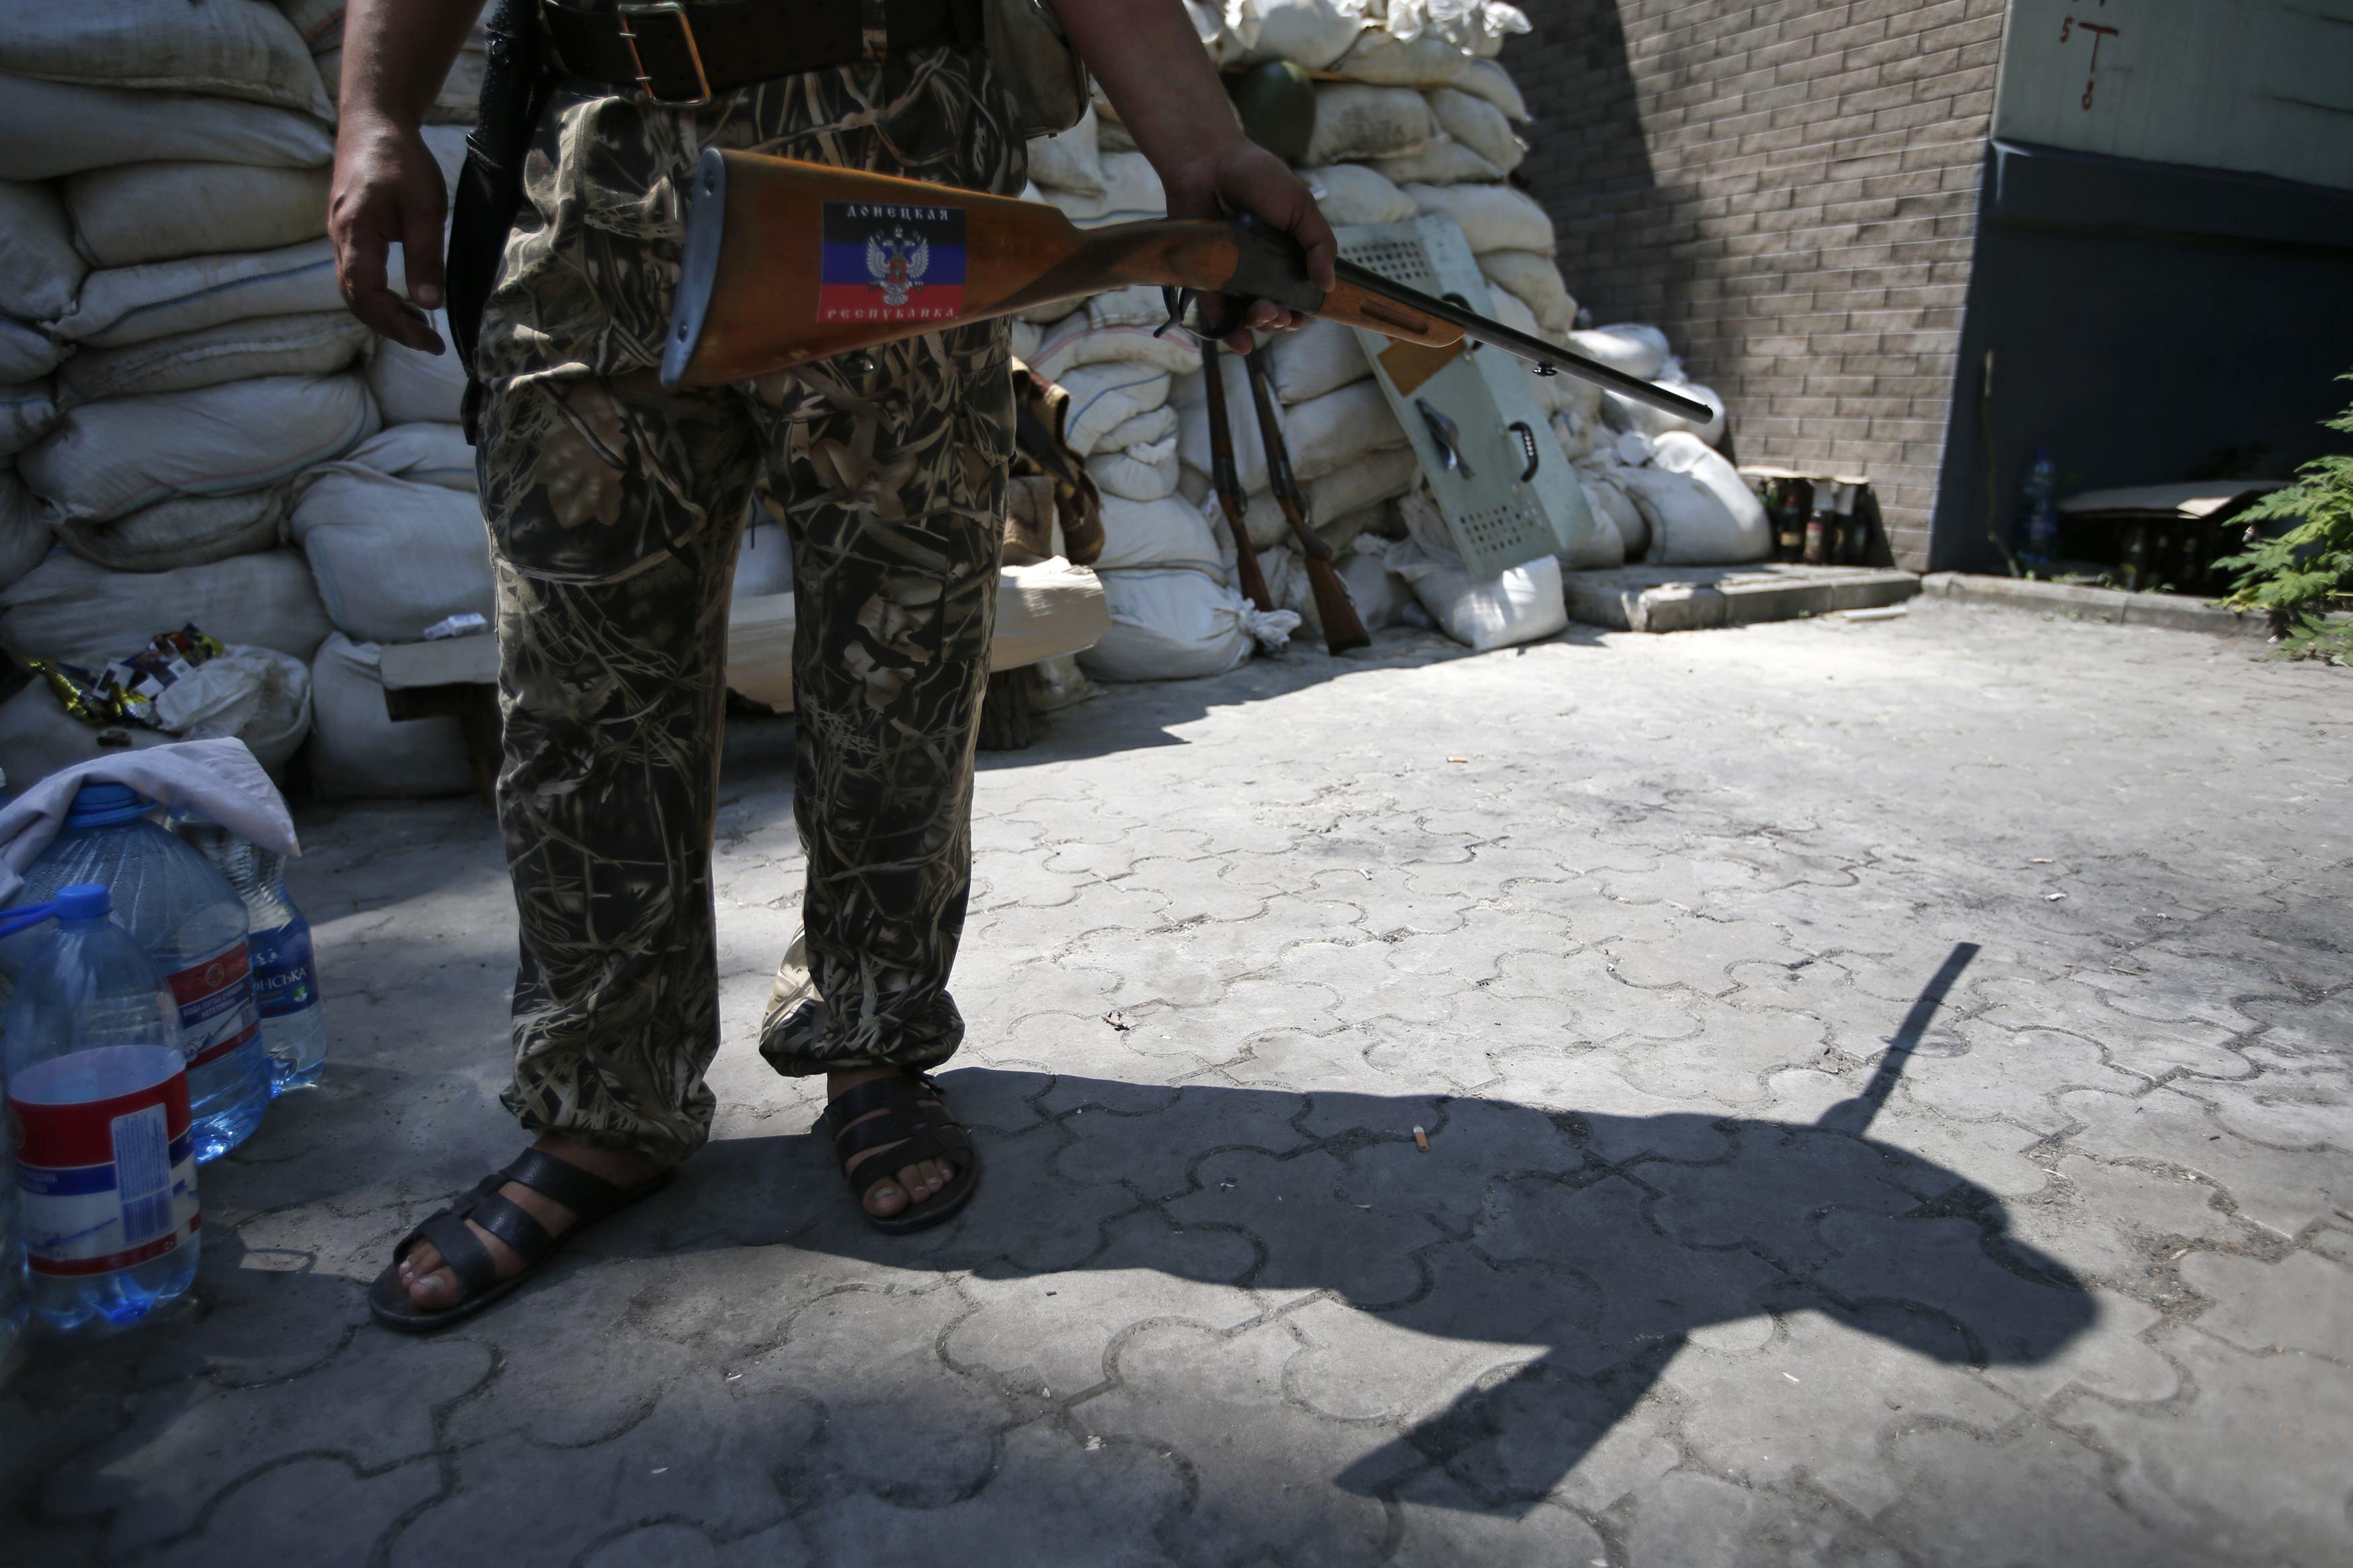 Боевик признался, как расстреливал жителей Донецка и бойцов ВСУ: история о том, как РФ убивает украинцев на Донбассе